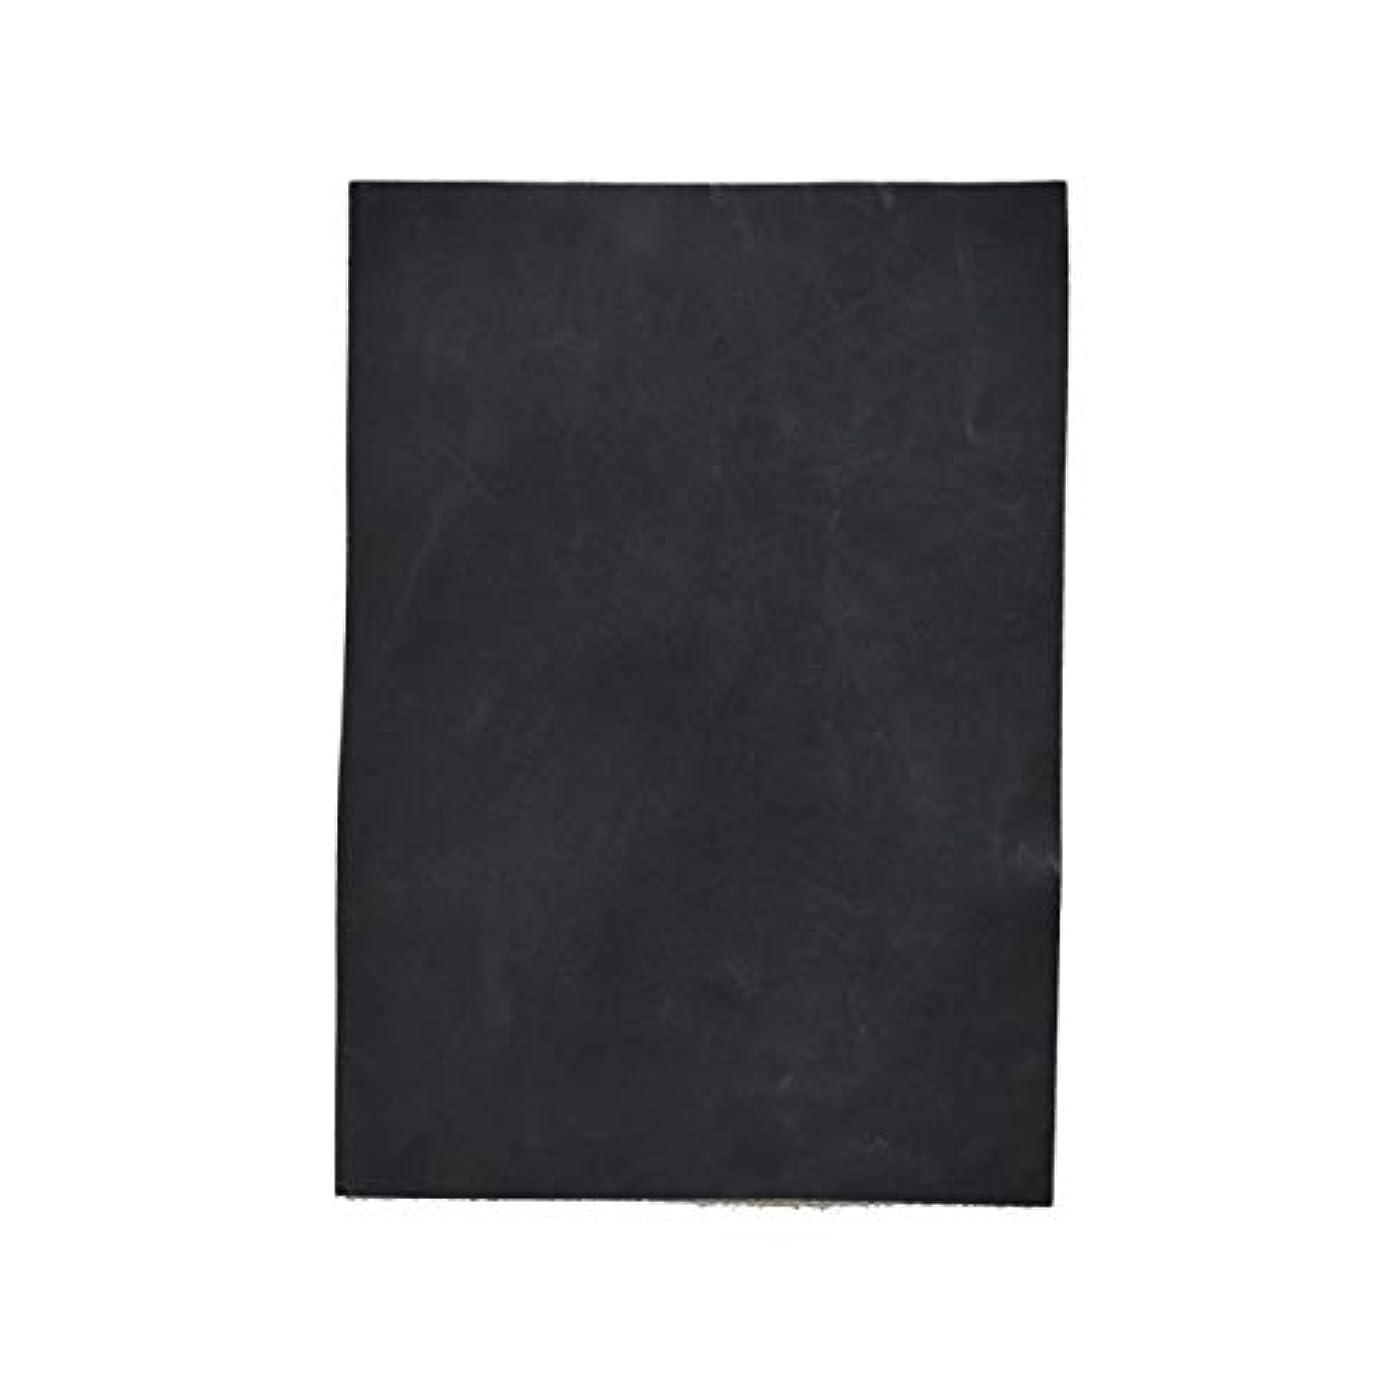 入植者スチール歩道TOKEN トーケン レザークラフト 材料 皮 革 日本産 山羊革 ゴード ワックス加工 マッド レザー 厚さ 約1.0mm?1.4mm (BLACK, B4)